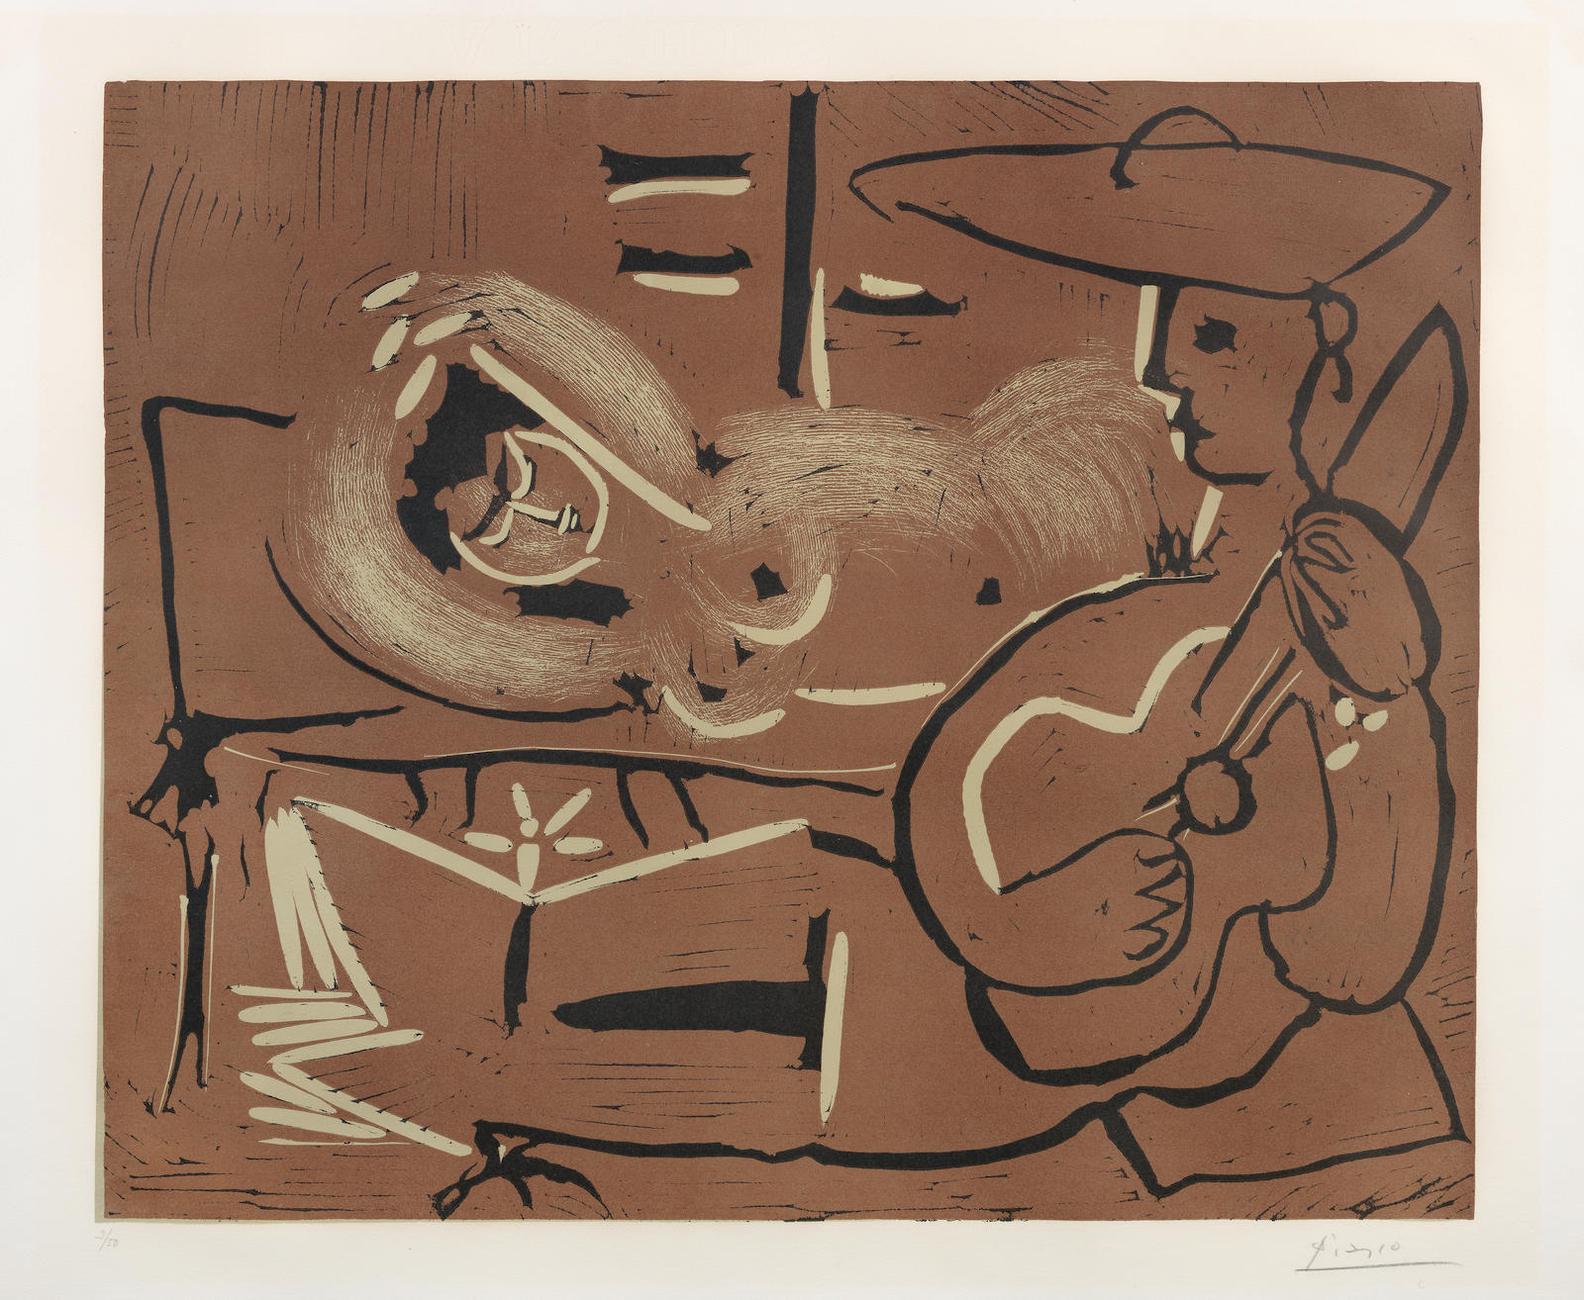 Pablo Picasso-Laubade, Avec Guitariste (Bloch918; Baer 1235 III.B.A)-1959